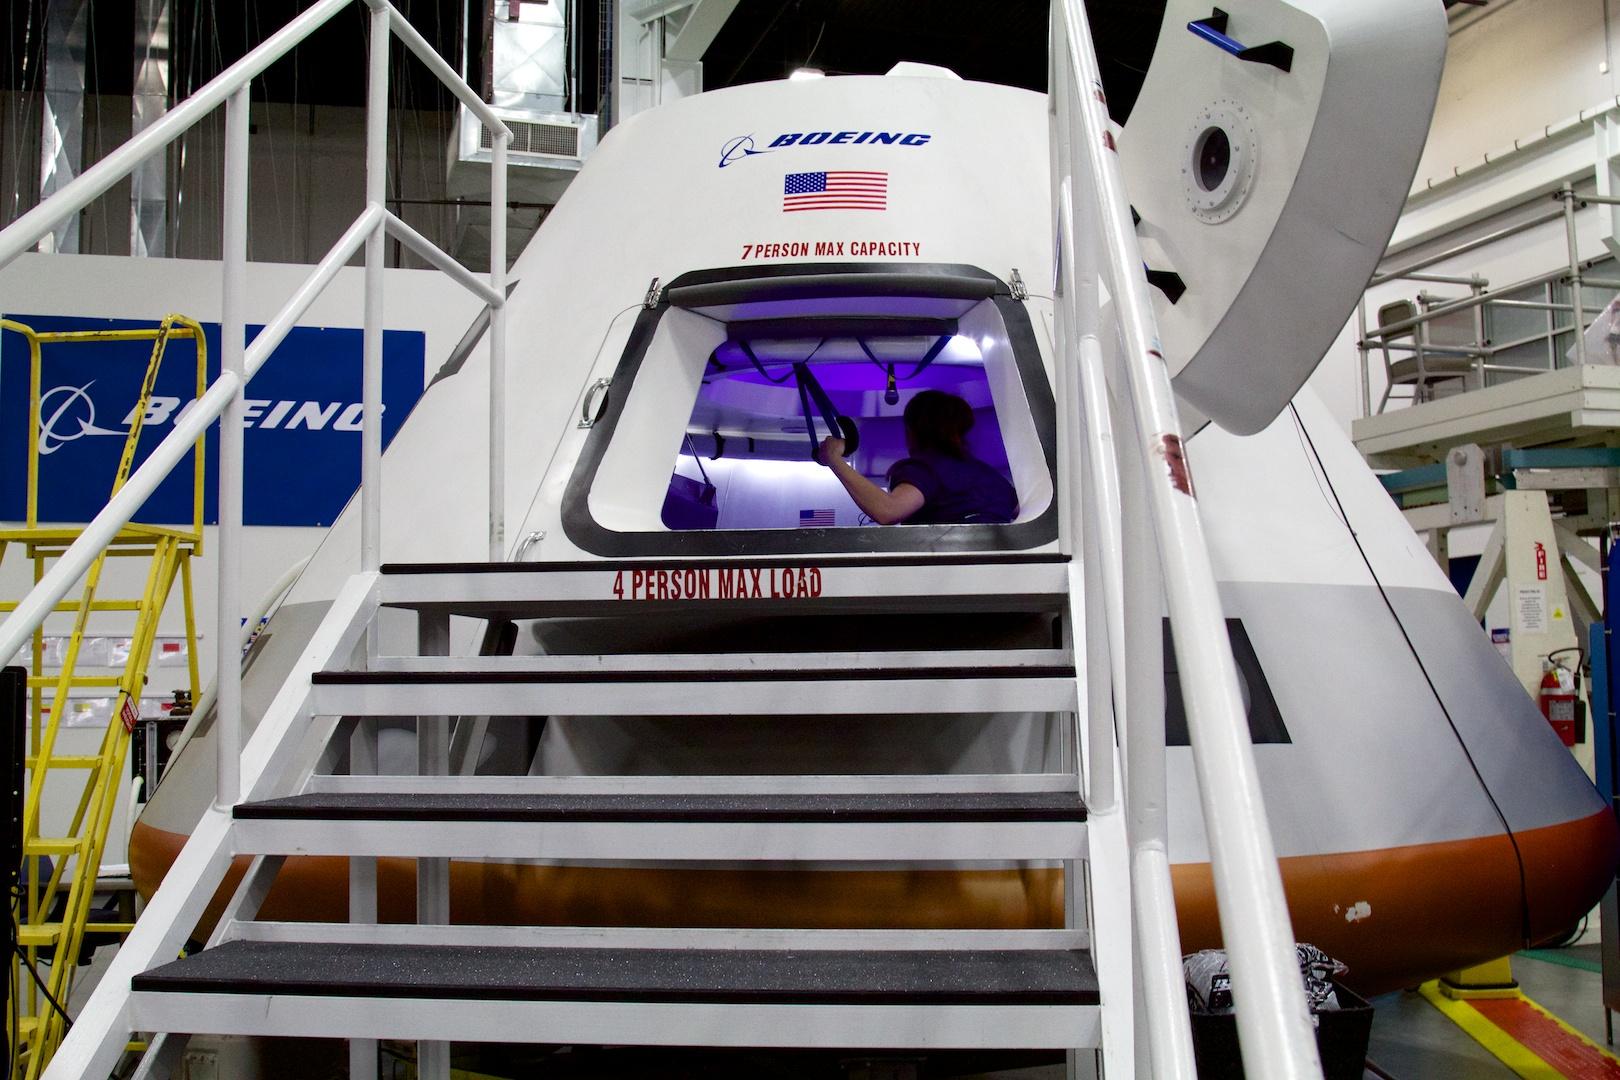 boeing spacecraft cockpits - photo #40